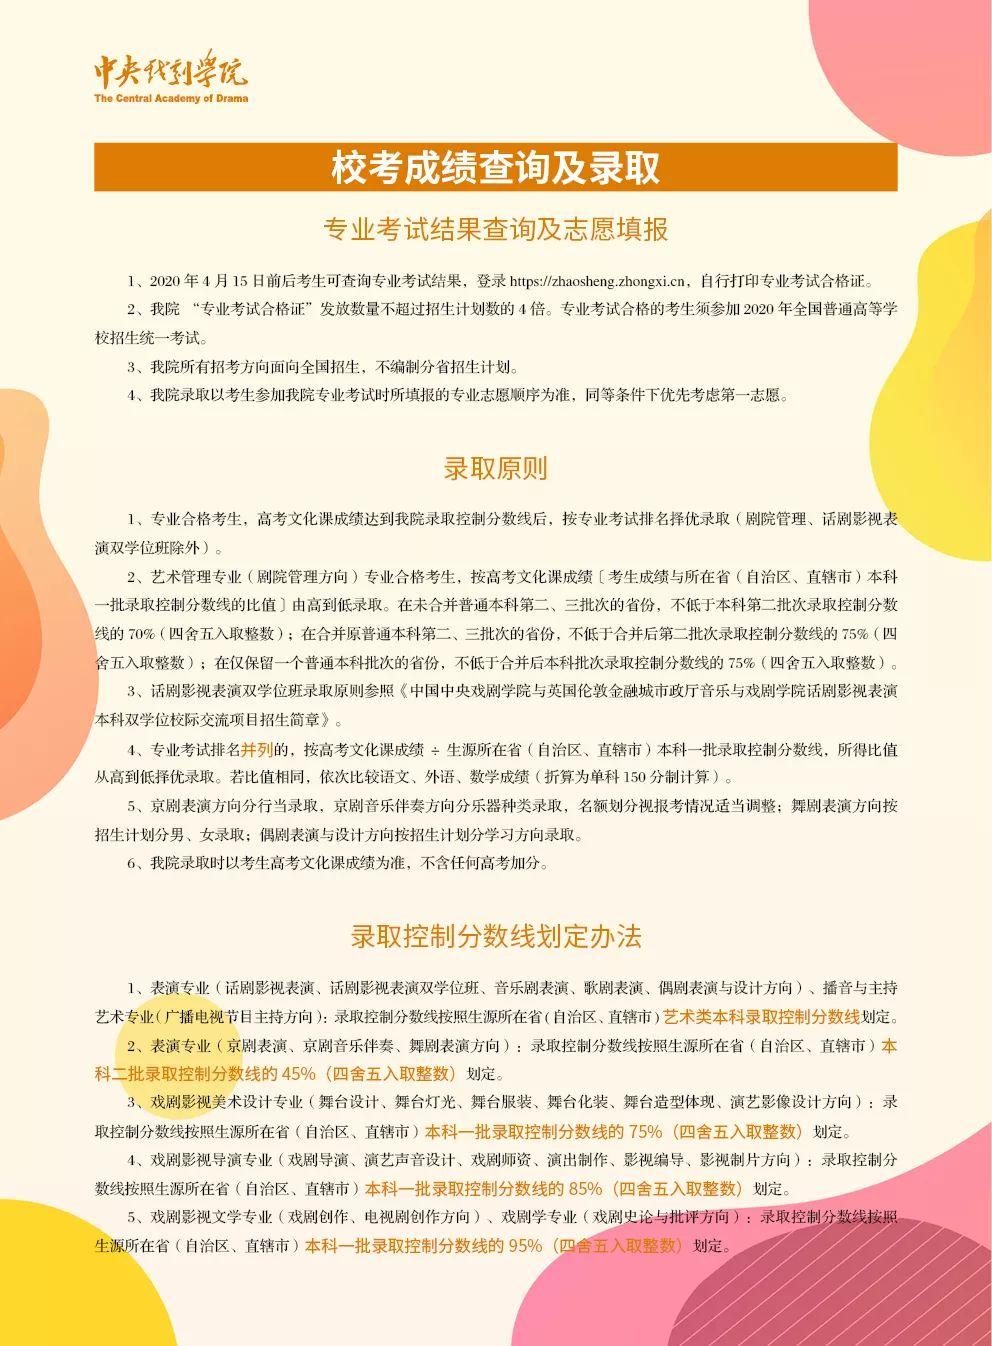 中国传媒大学,北京电影学院,中央戏剧学院,北京巅峰广艺画室       48